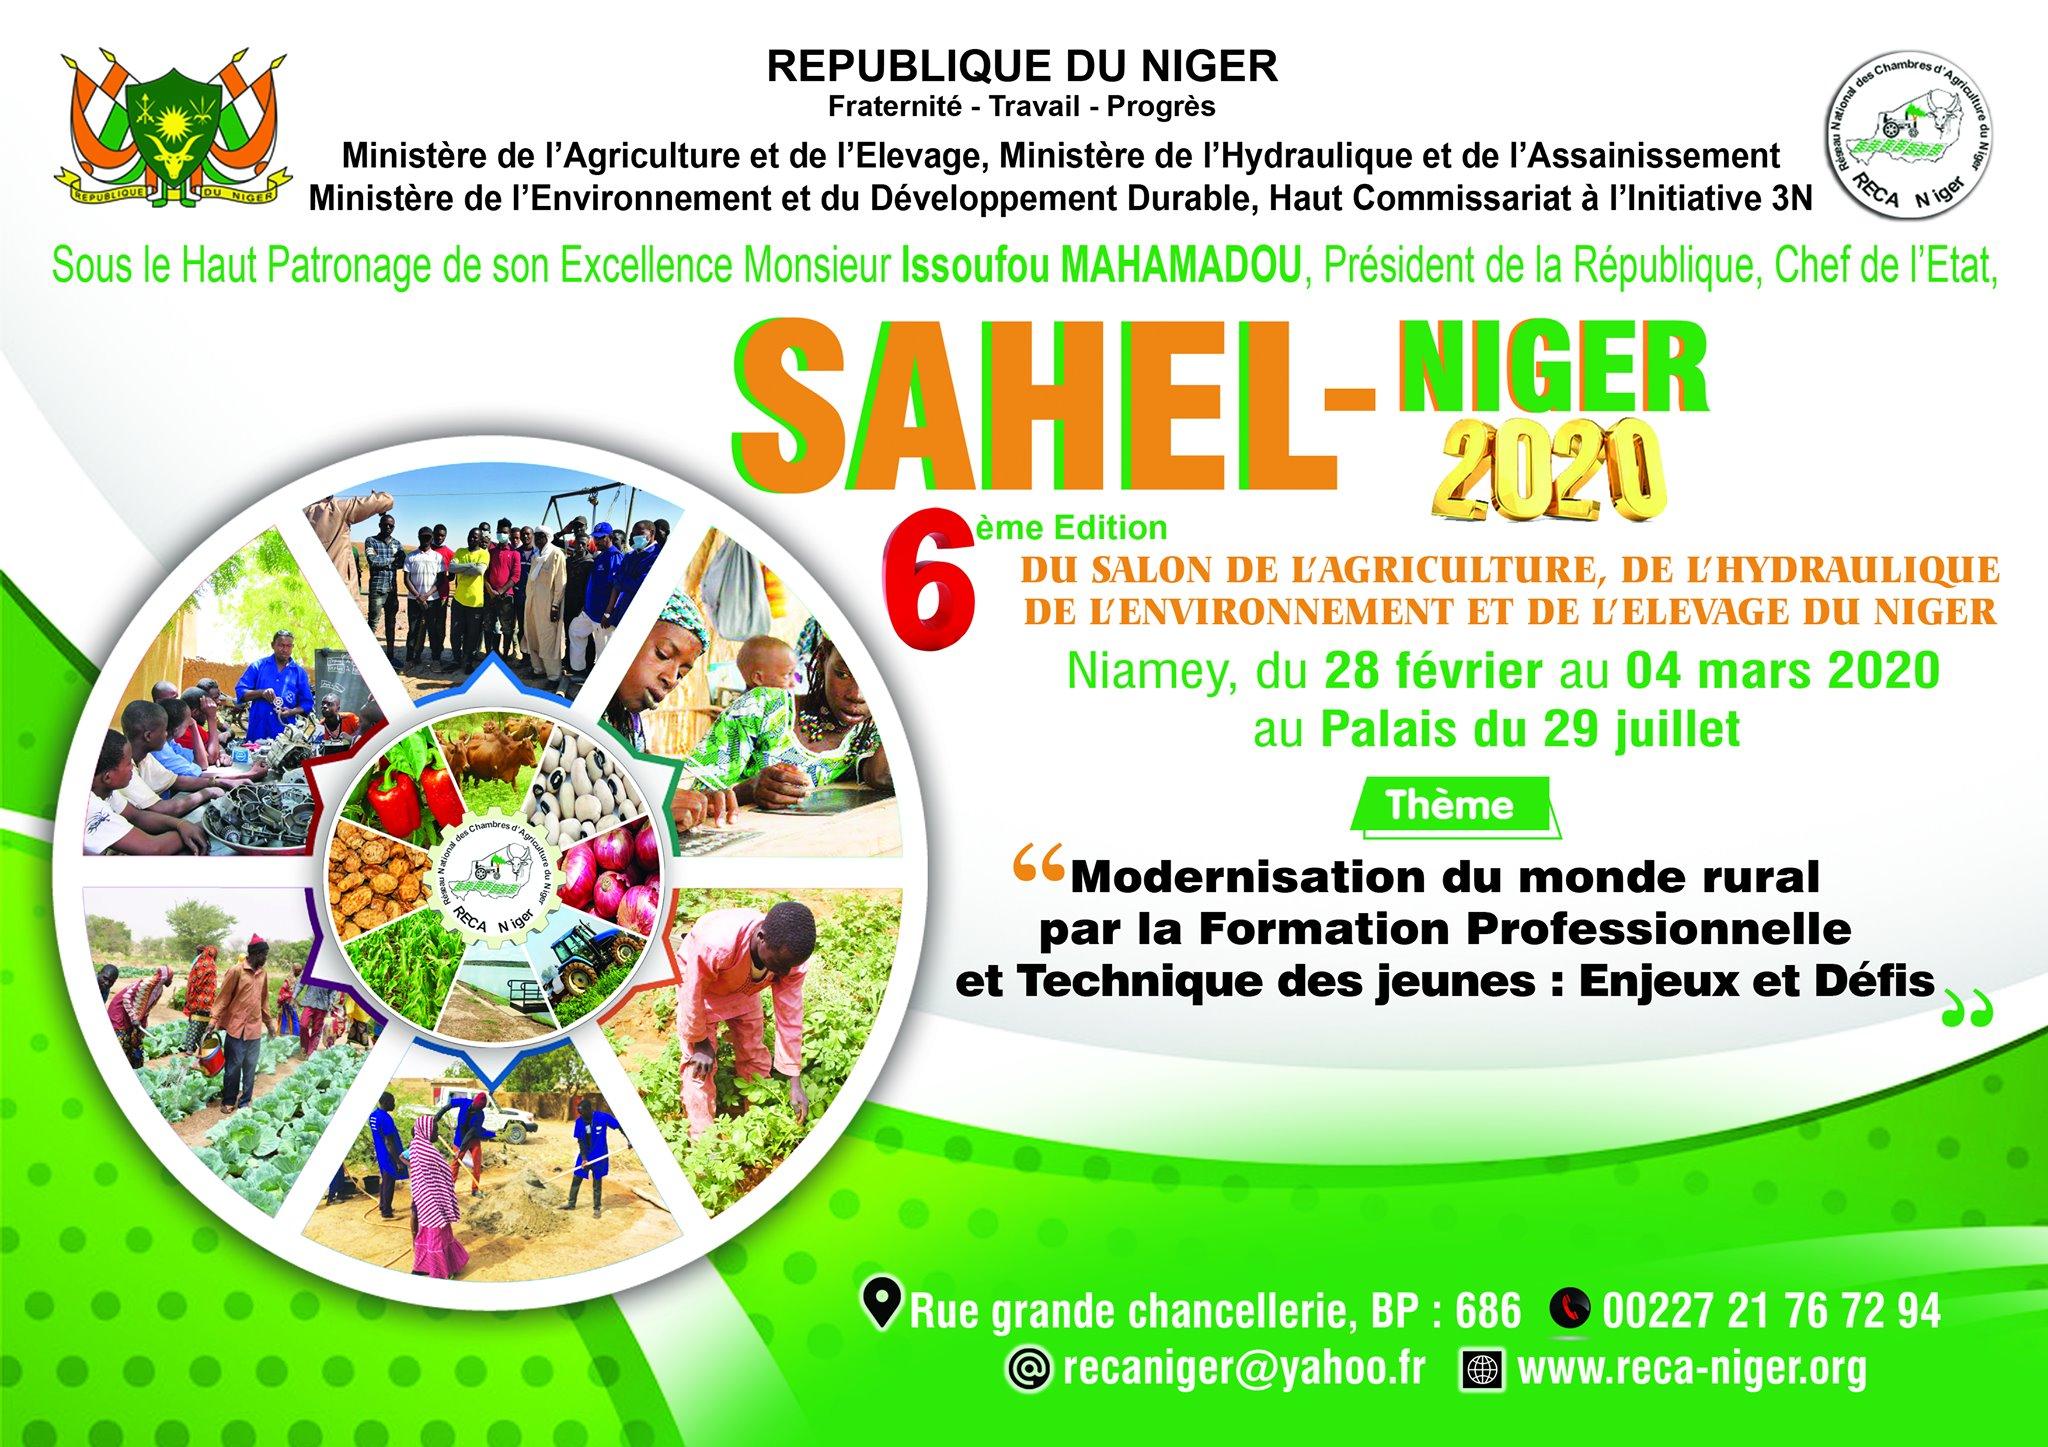 Sahel Niger 2020: exposition des produits agro sylvo pastoraux et halieutiques